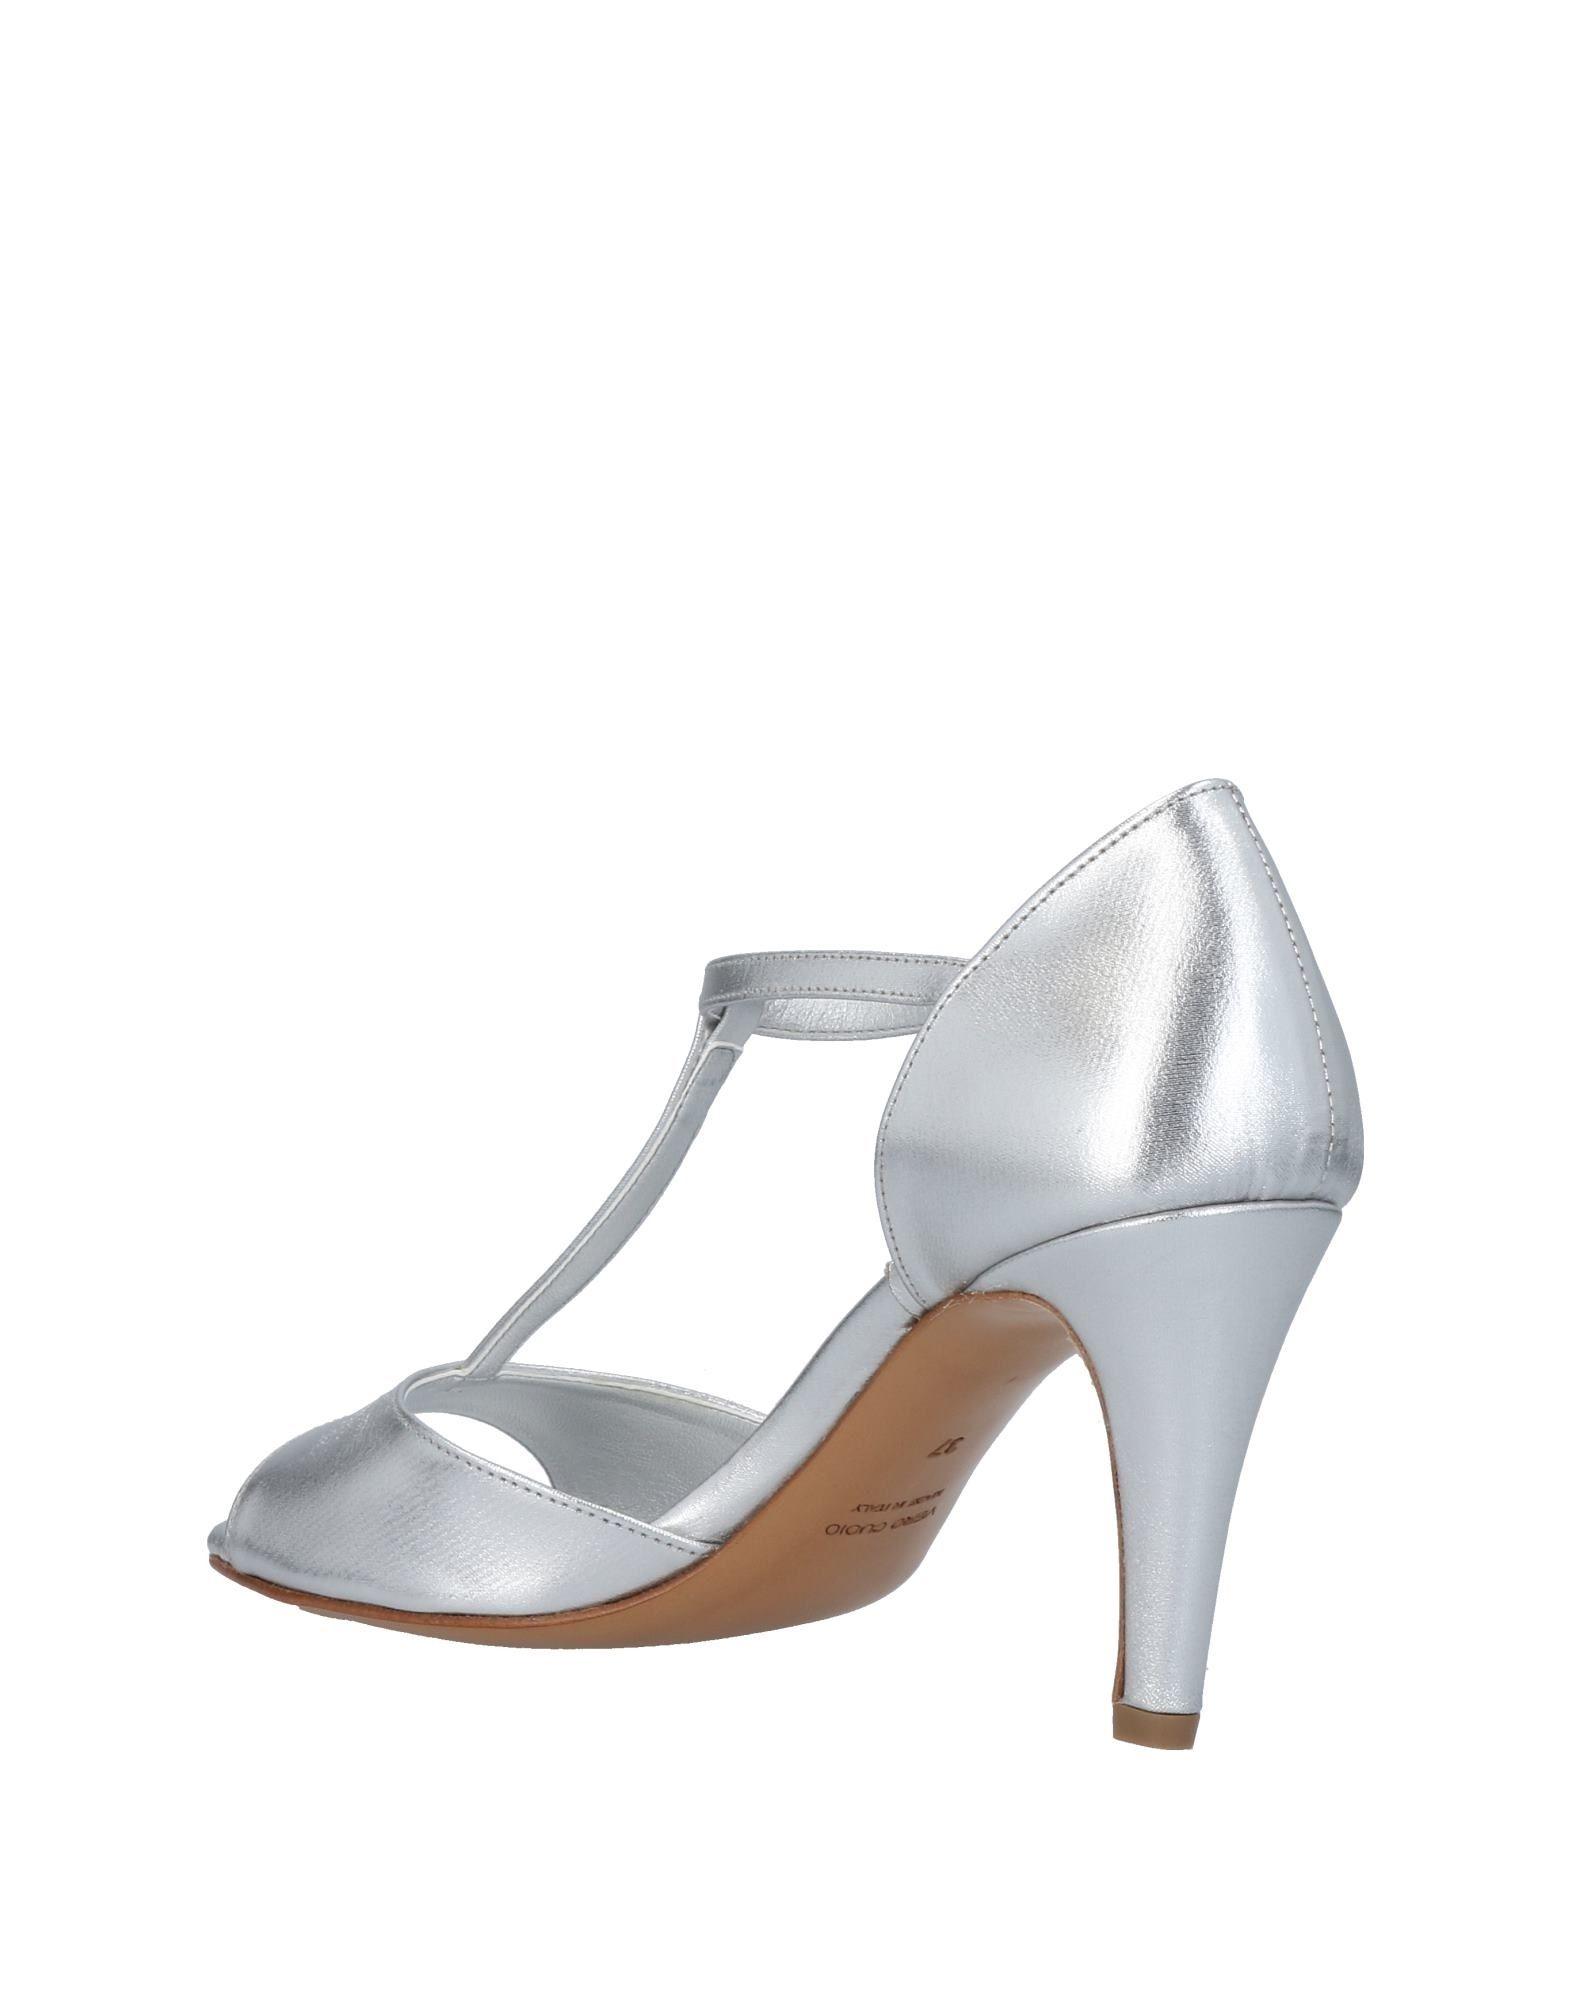 Klassischer Stil-3034,Juli Gutes Pascal Paris Sandalen Damen Gutes Stil-3034,Juli Preis-Leistungs-Verhältnis, es lohnt sich 7fa749